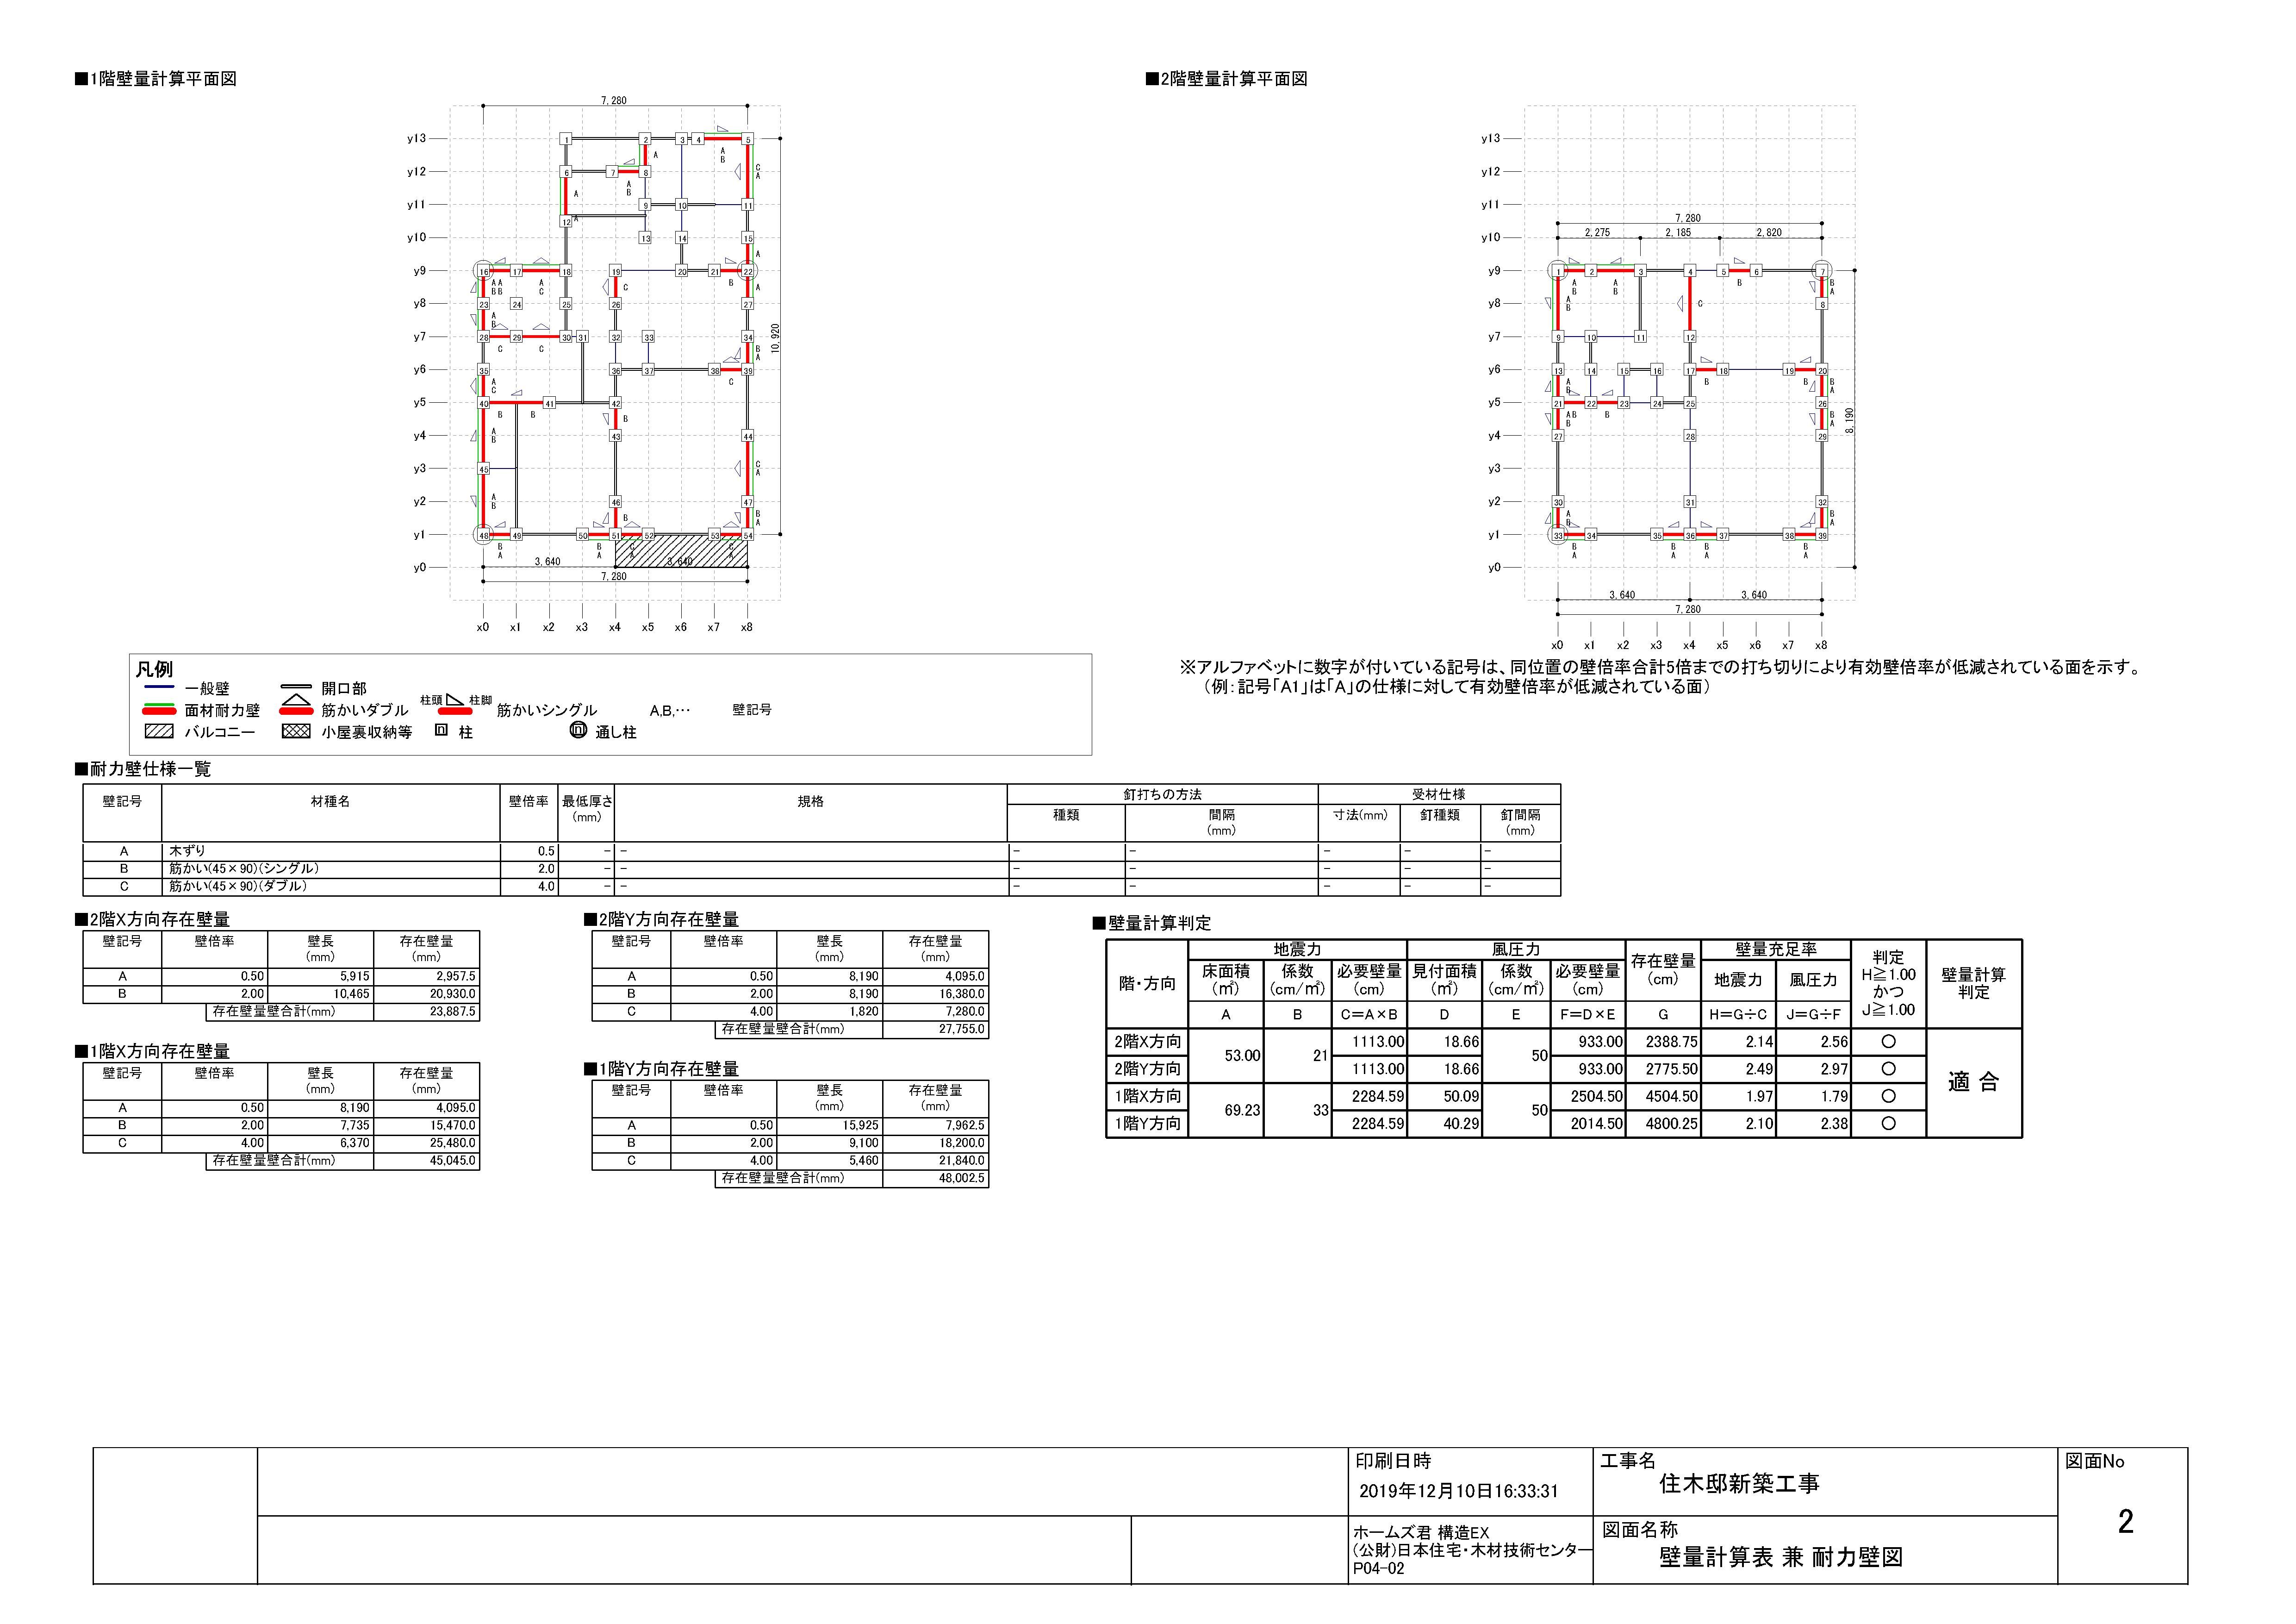 壁量計算表 兼 耐力壁図